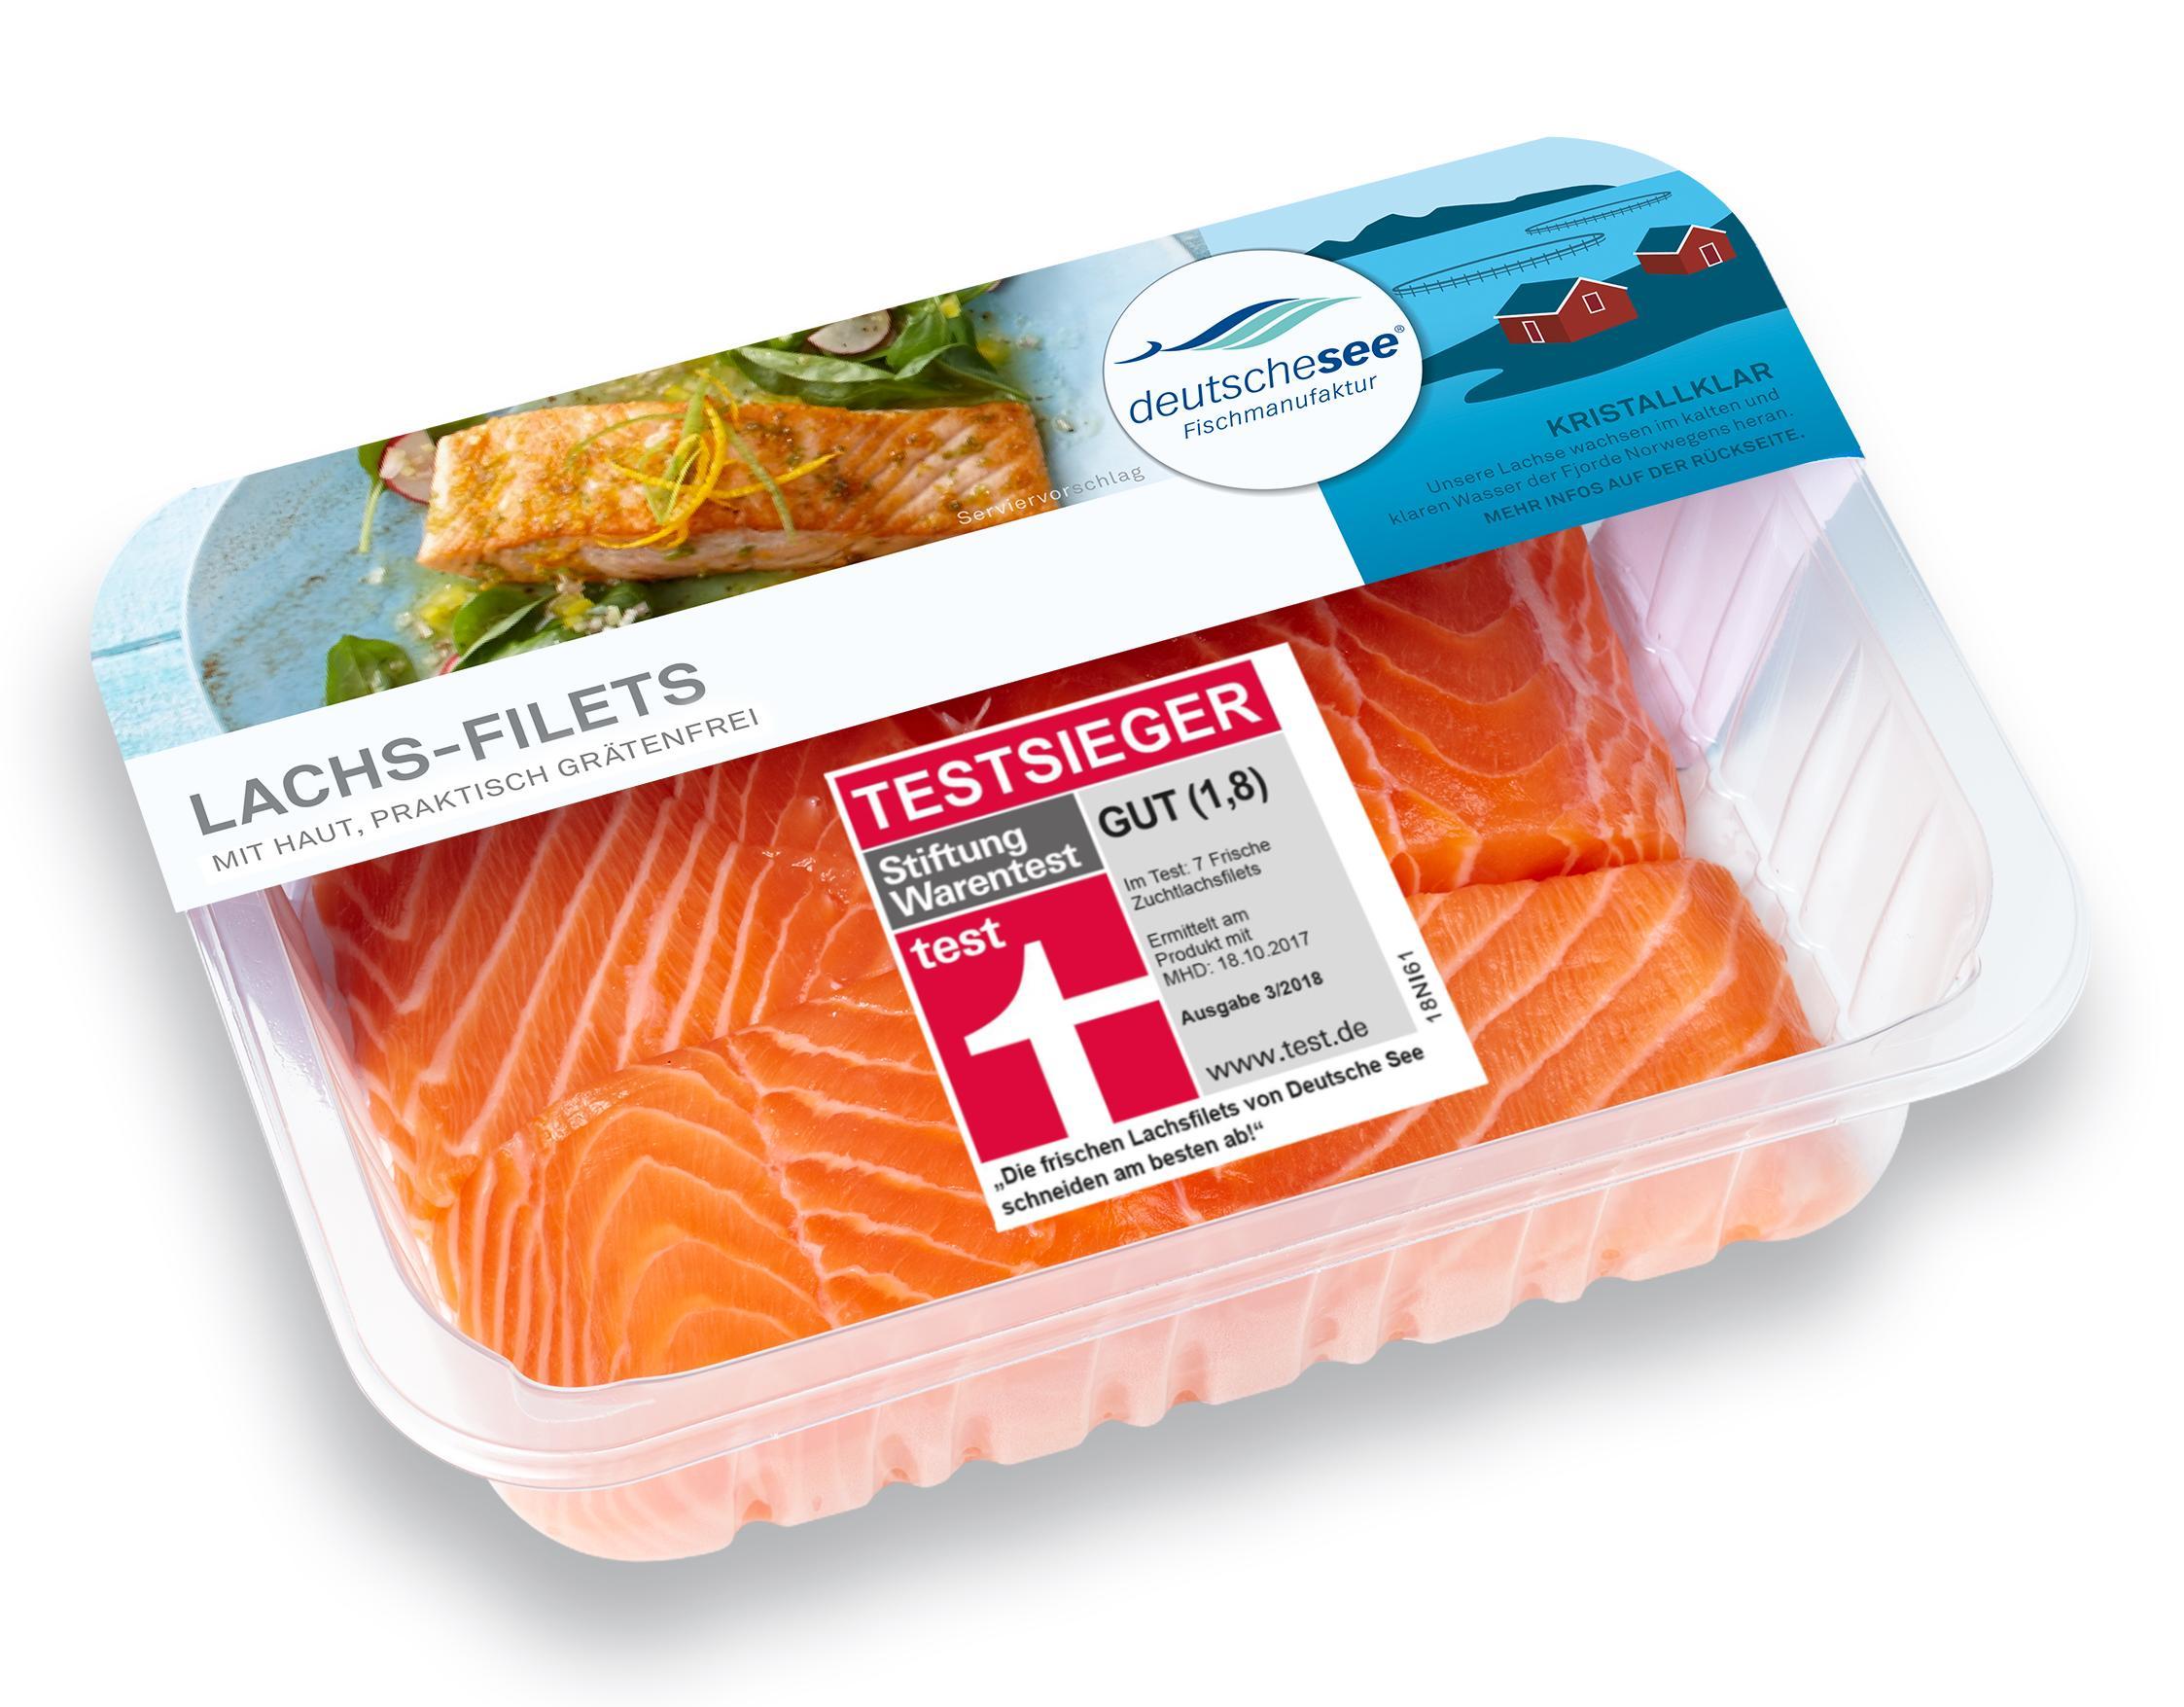 Lachs-Filets von Deutsche See sind Testsieger